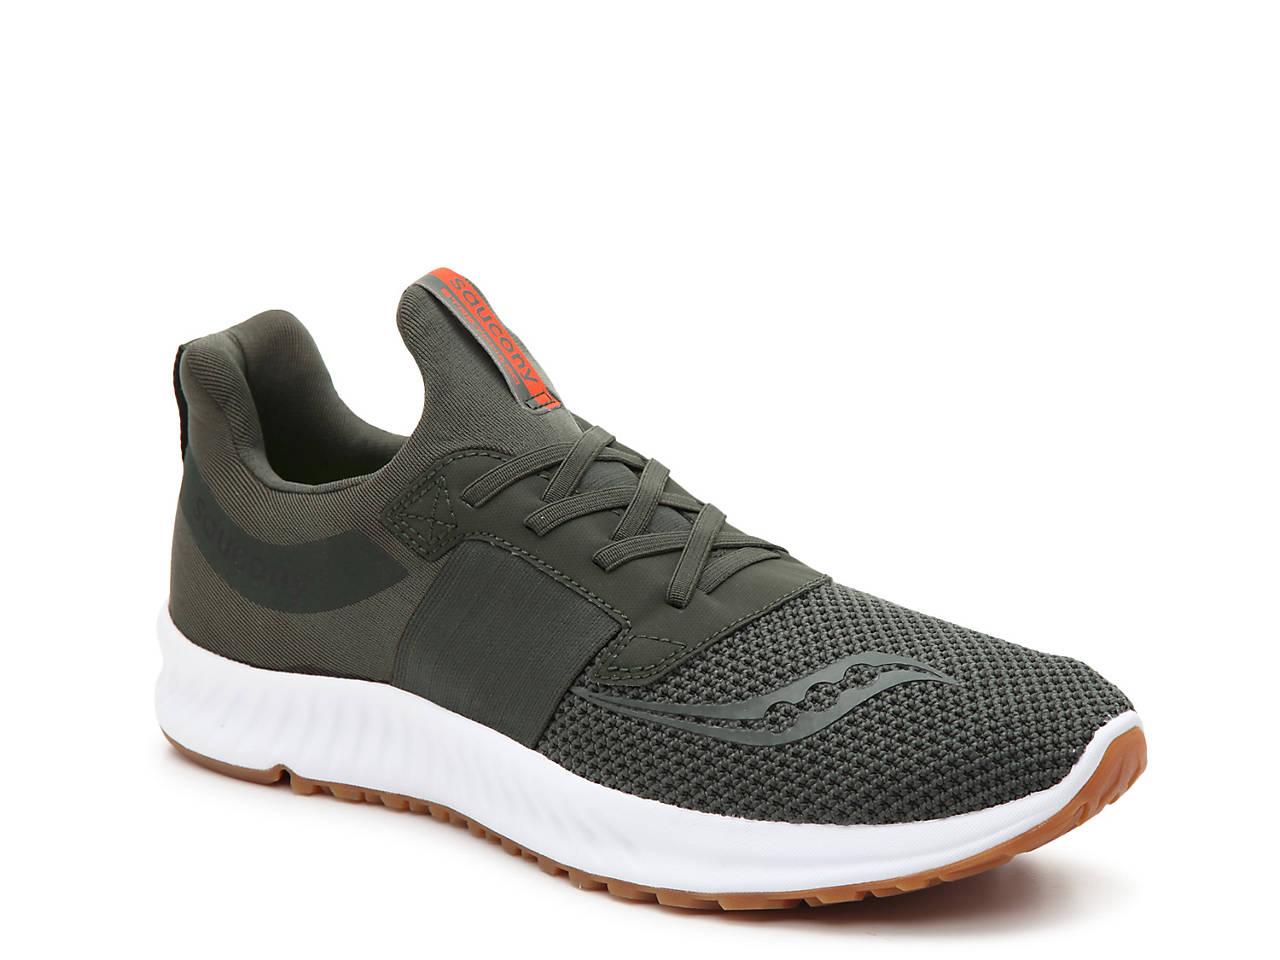 4a1d6dd0 Stretch & Go Breeze Lightweight Slip-On Running Shoe - Men's